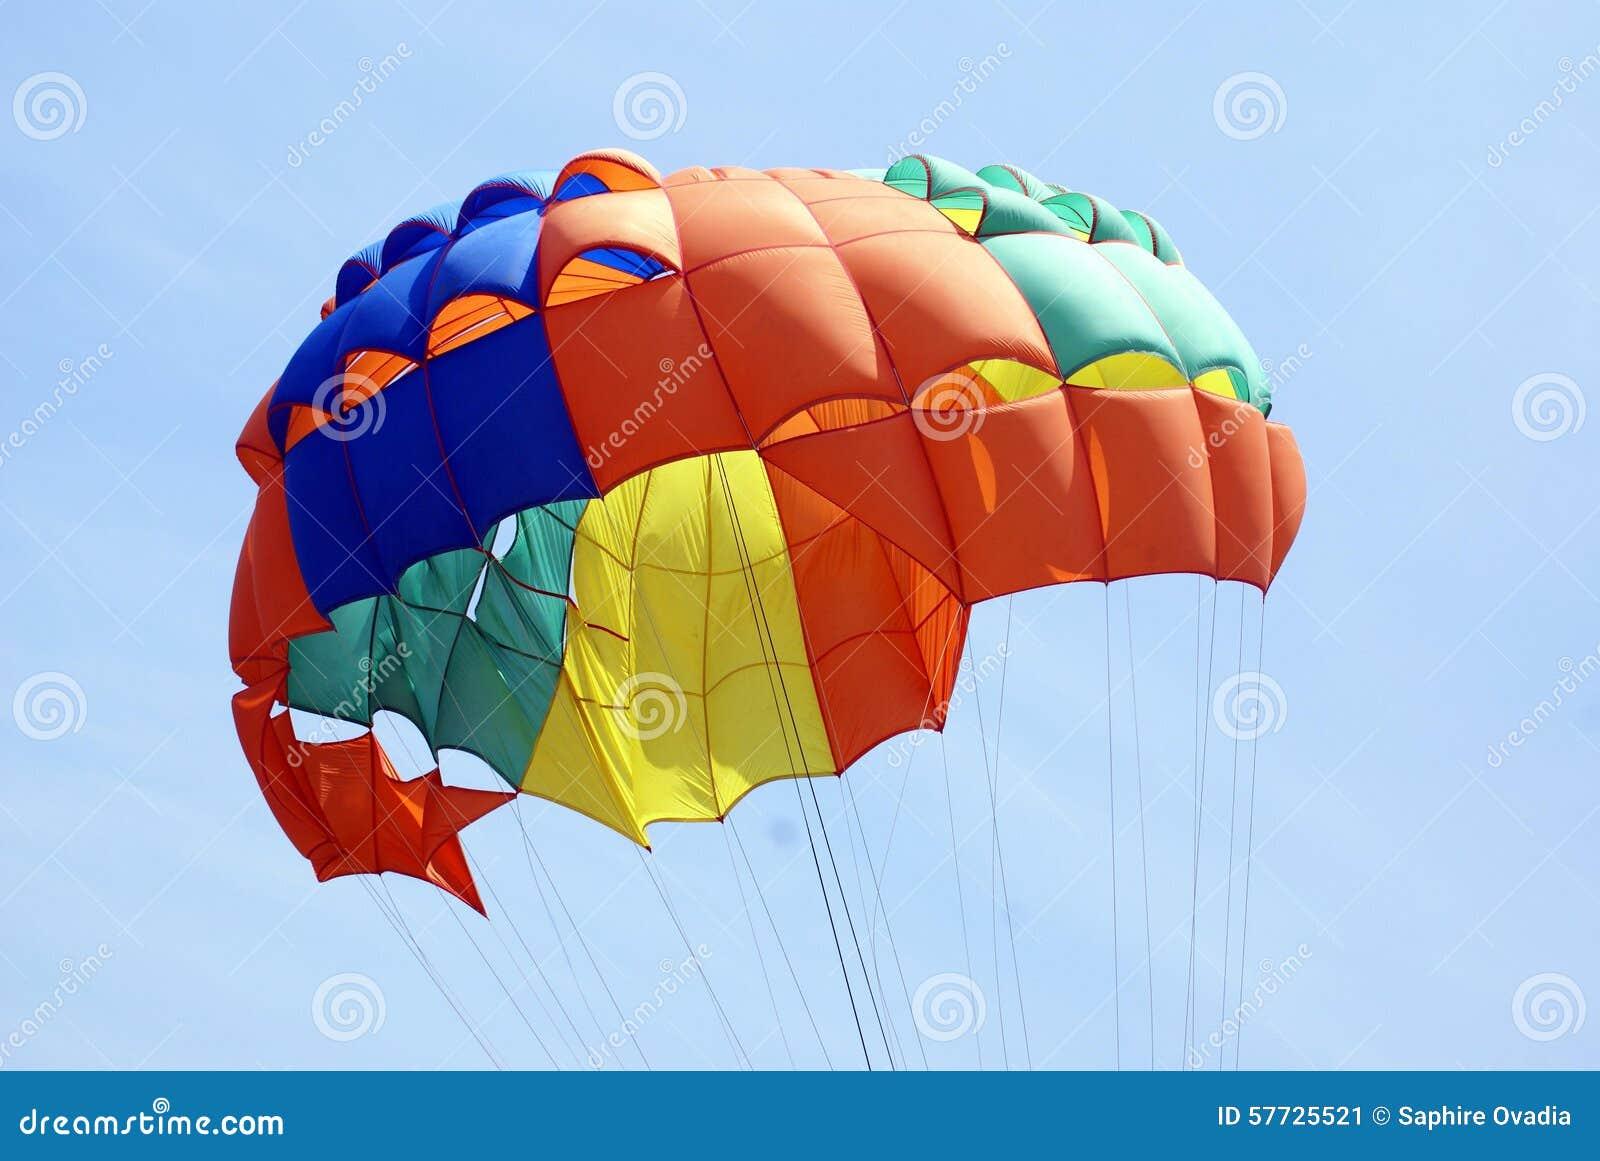 Parachute. parasailing. parasailing clipart